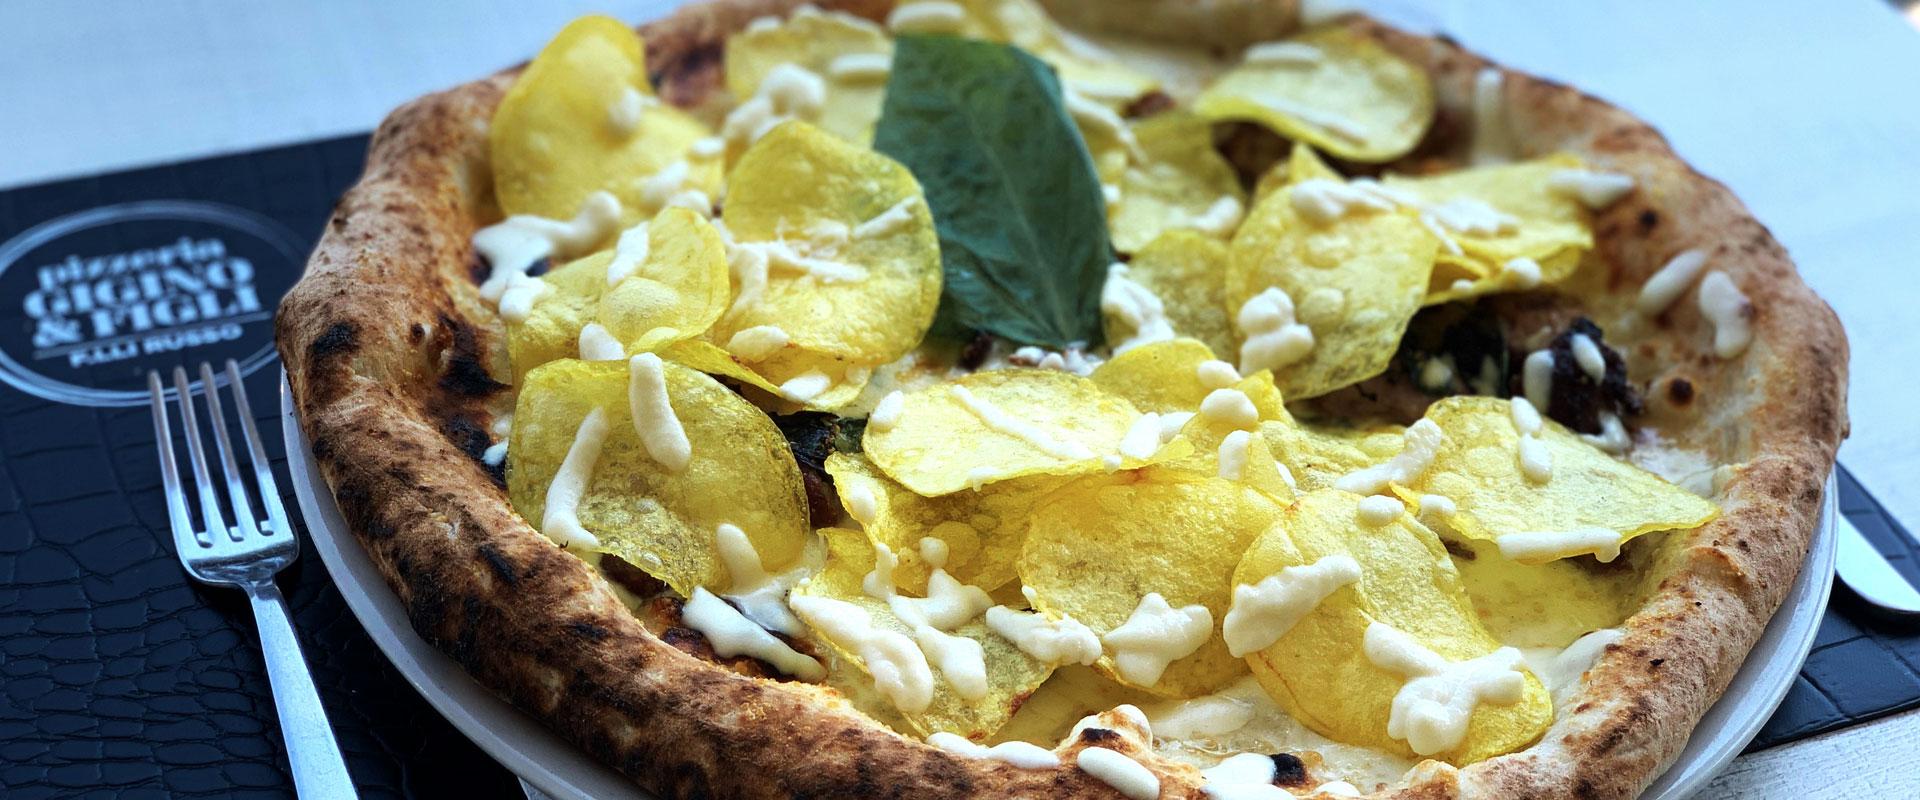 Favolosa pizza con chips di patate della pizzeria Gigino&Figli